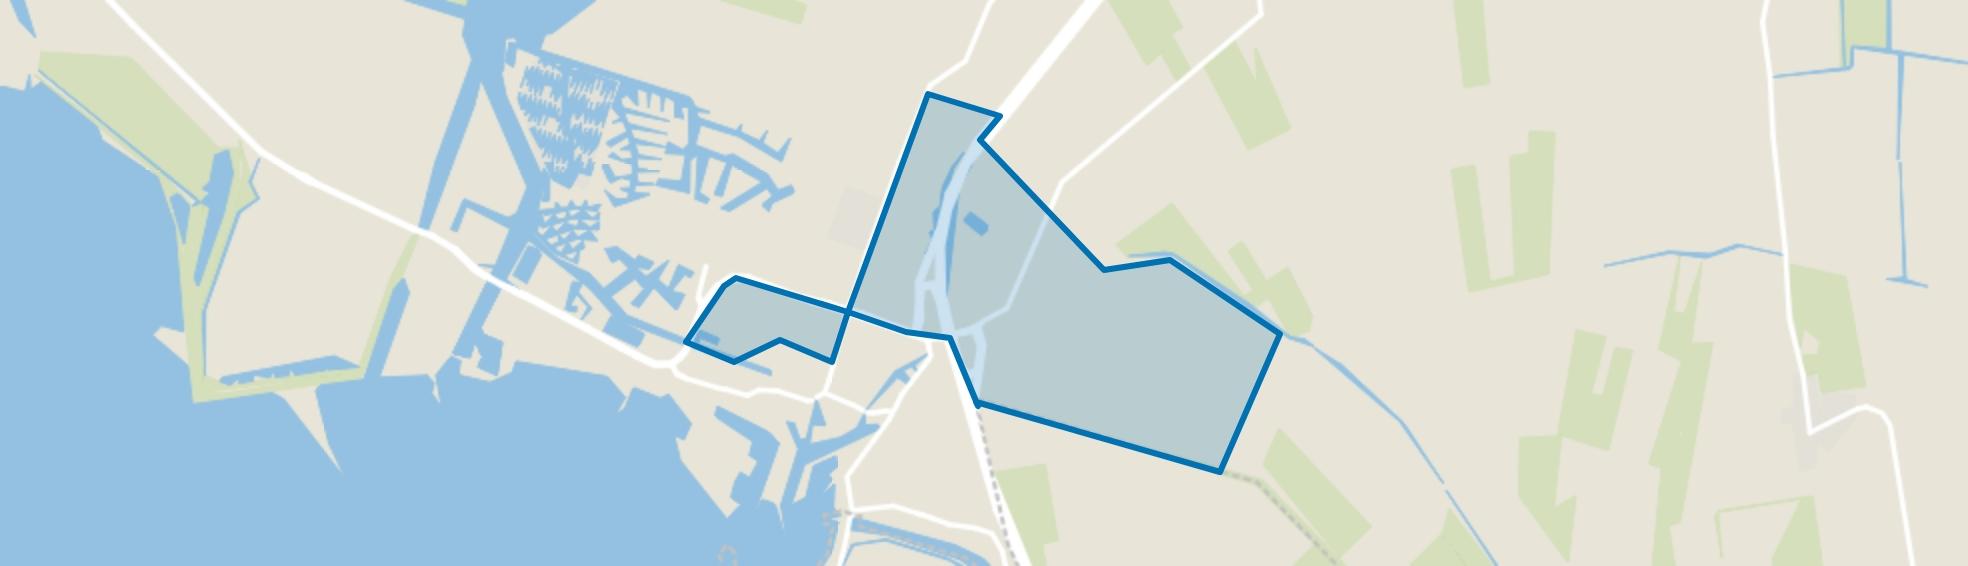 Lemmer-West, Lemmer map